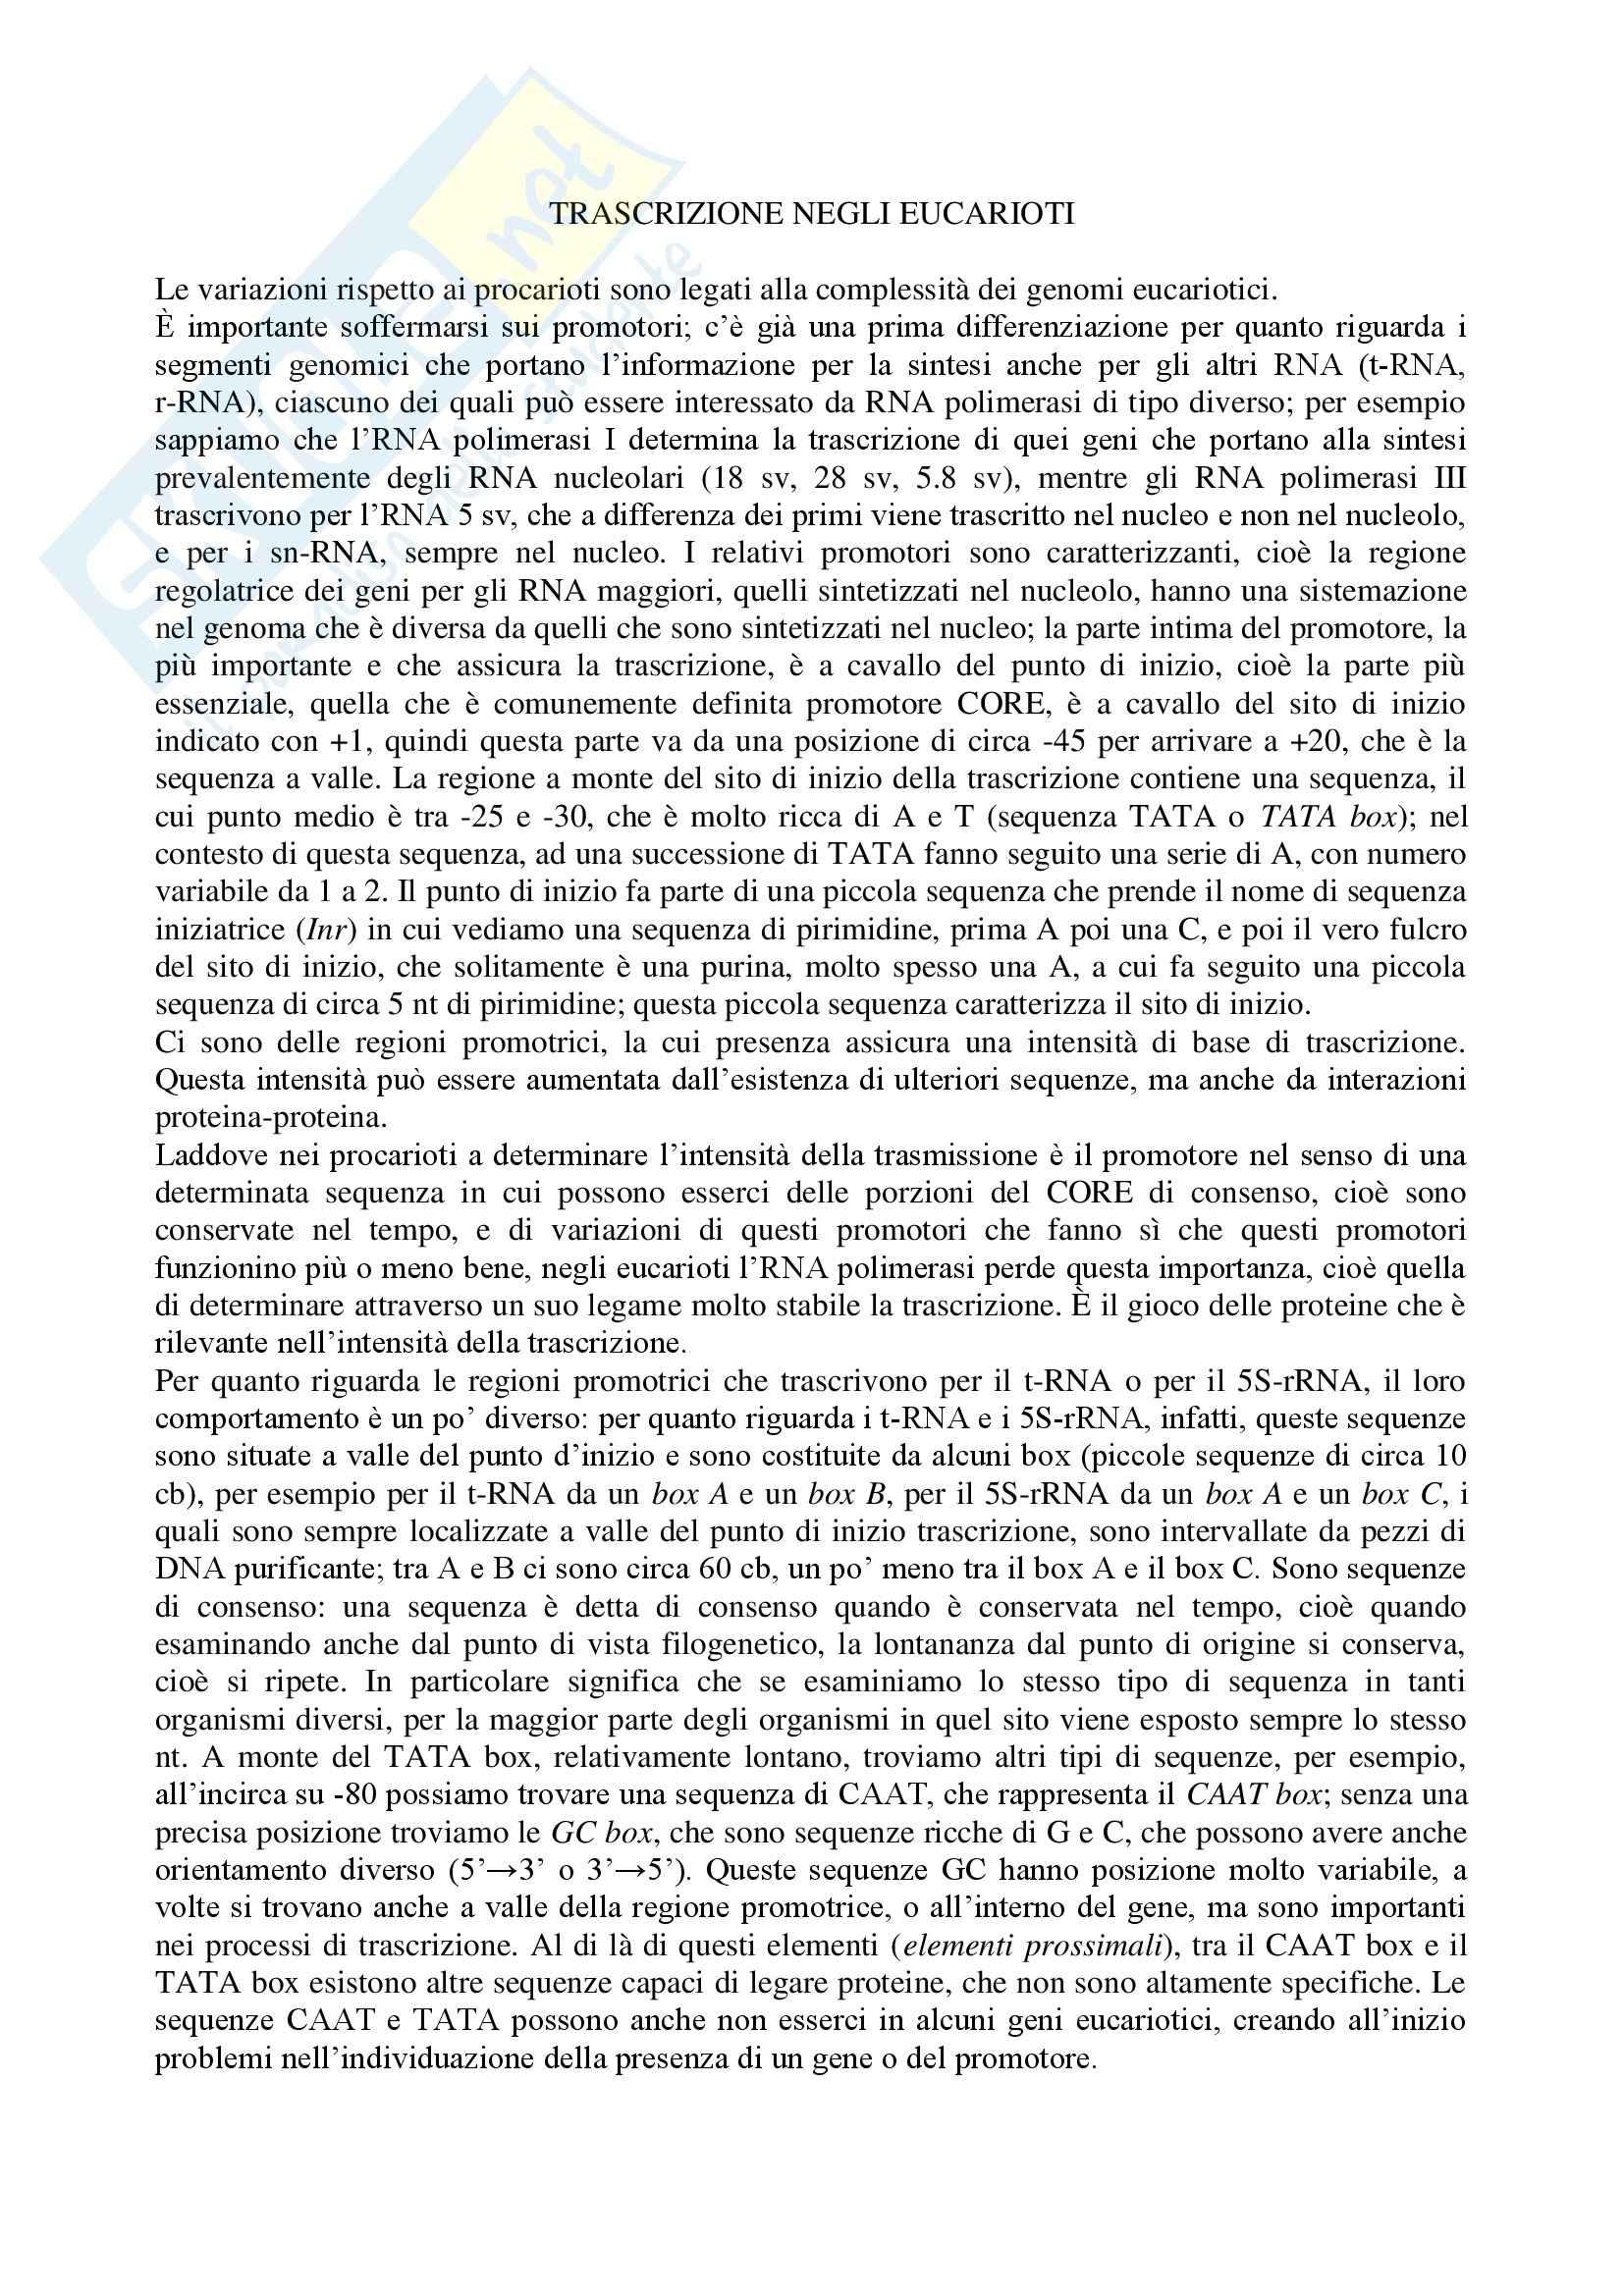 Biologia e genetica - trascrizione negli eucarioti